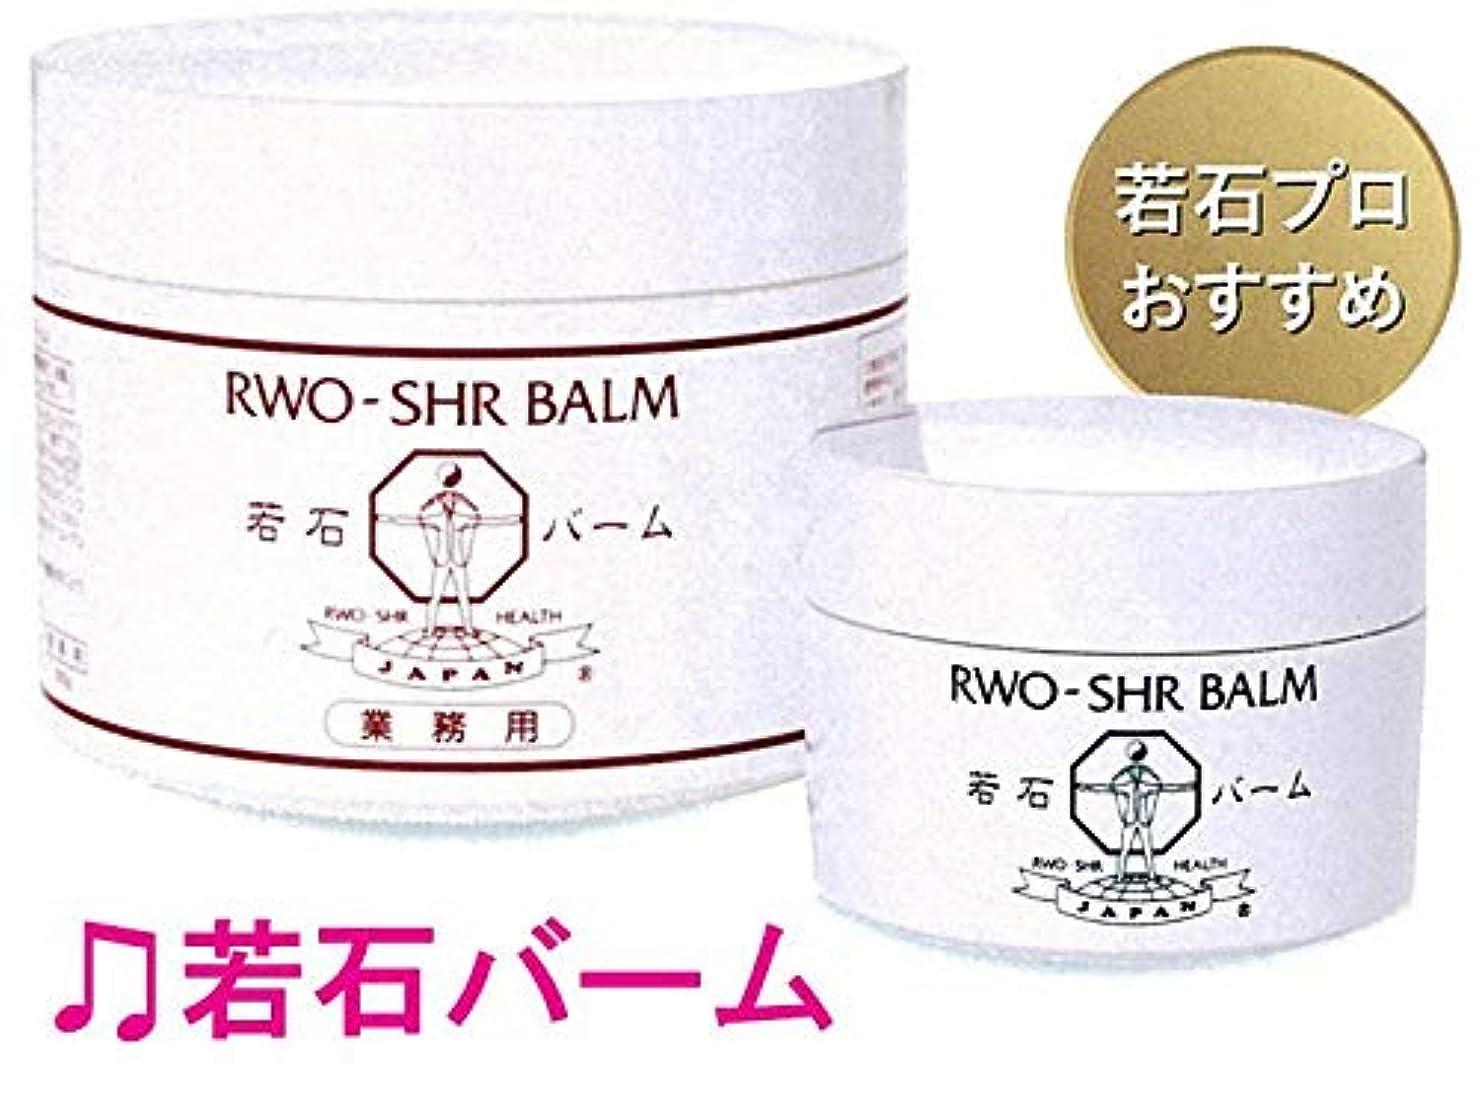 復讐閉じるリア王若石バーム(250g) RWO-SHR BALM 国際若石健康研究会正規品